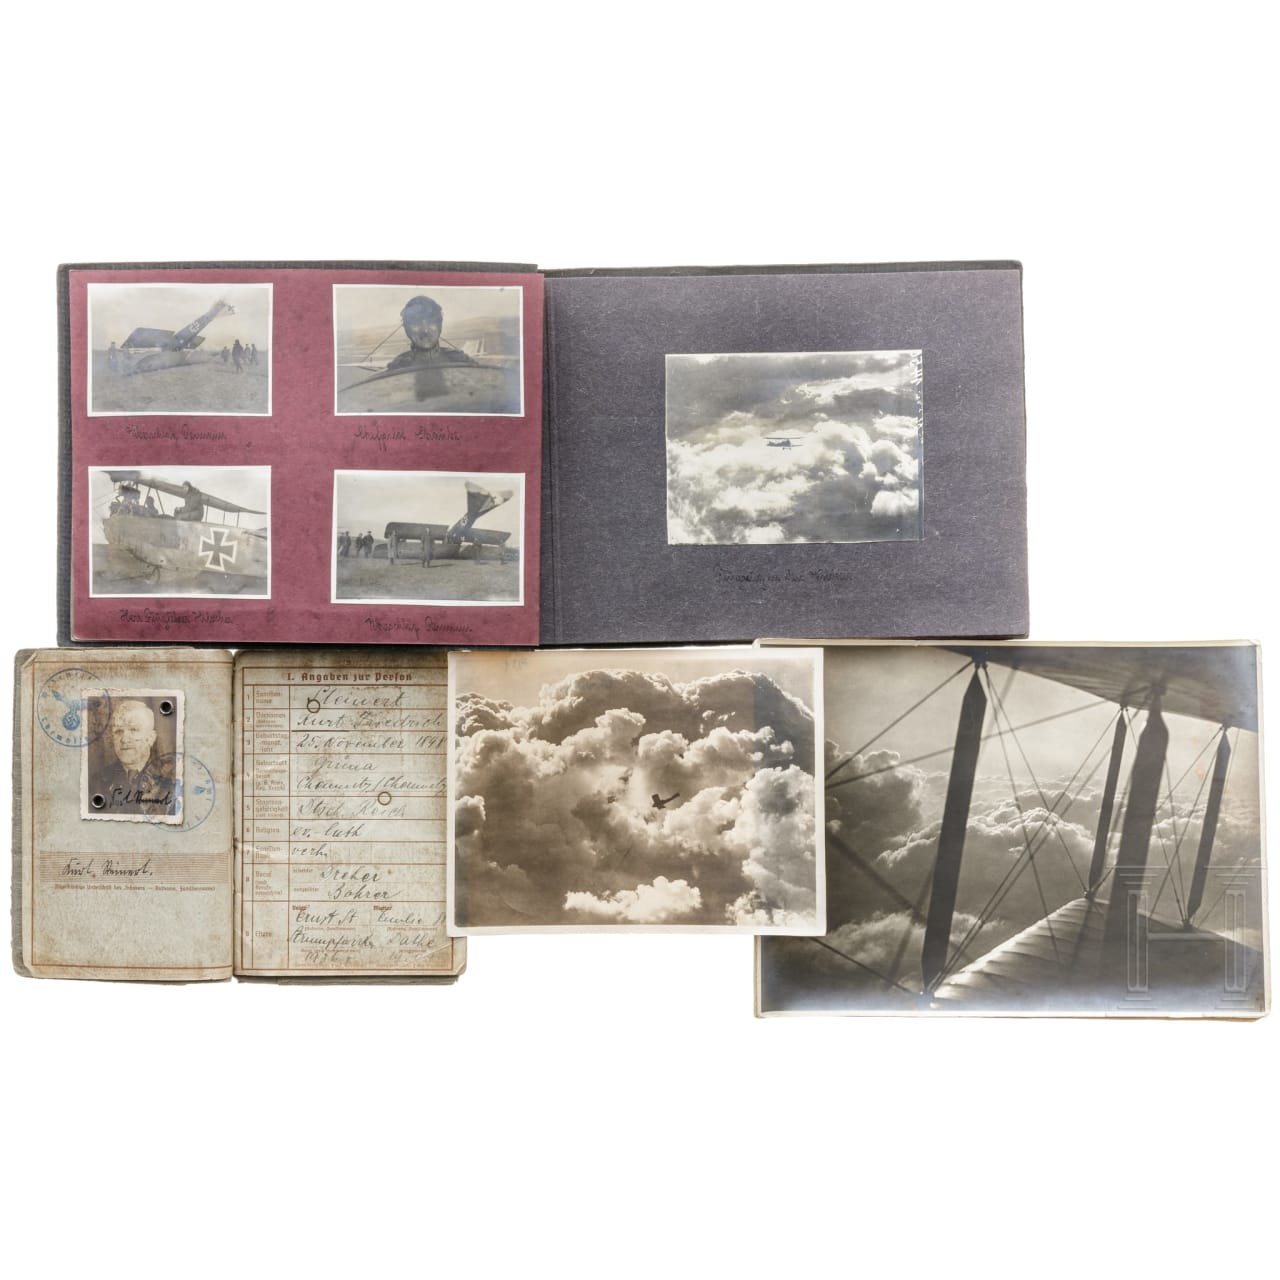 Fotoalbum einer dt. Fliegerabteilung im 1. Weltkrieg